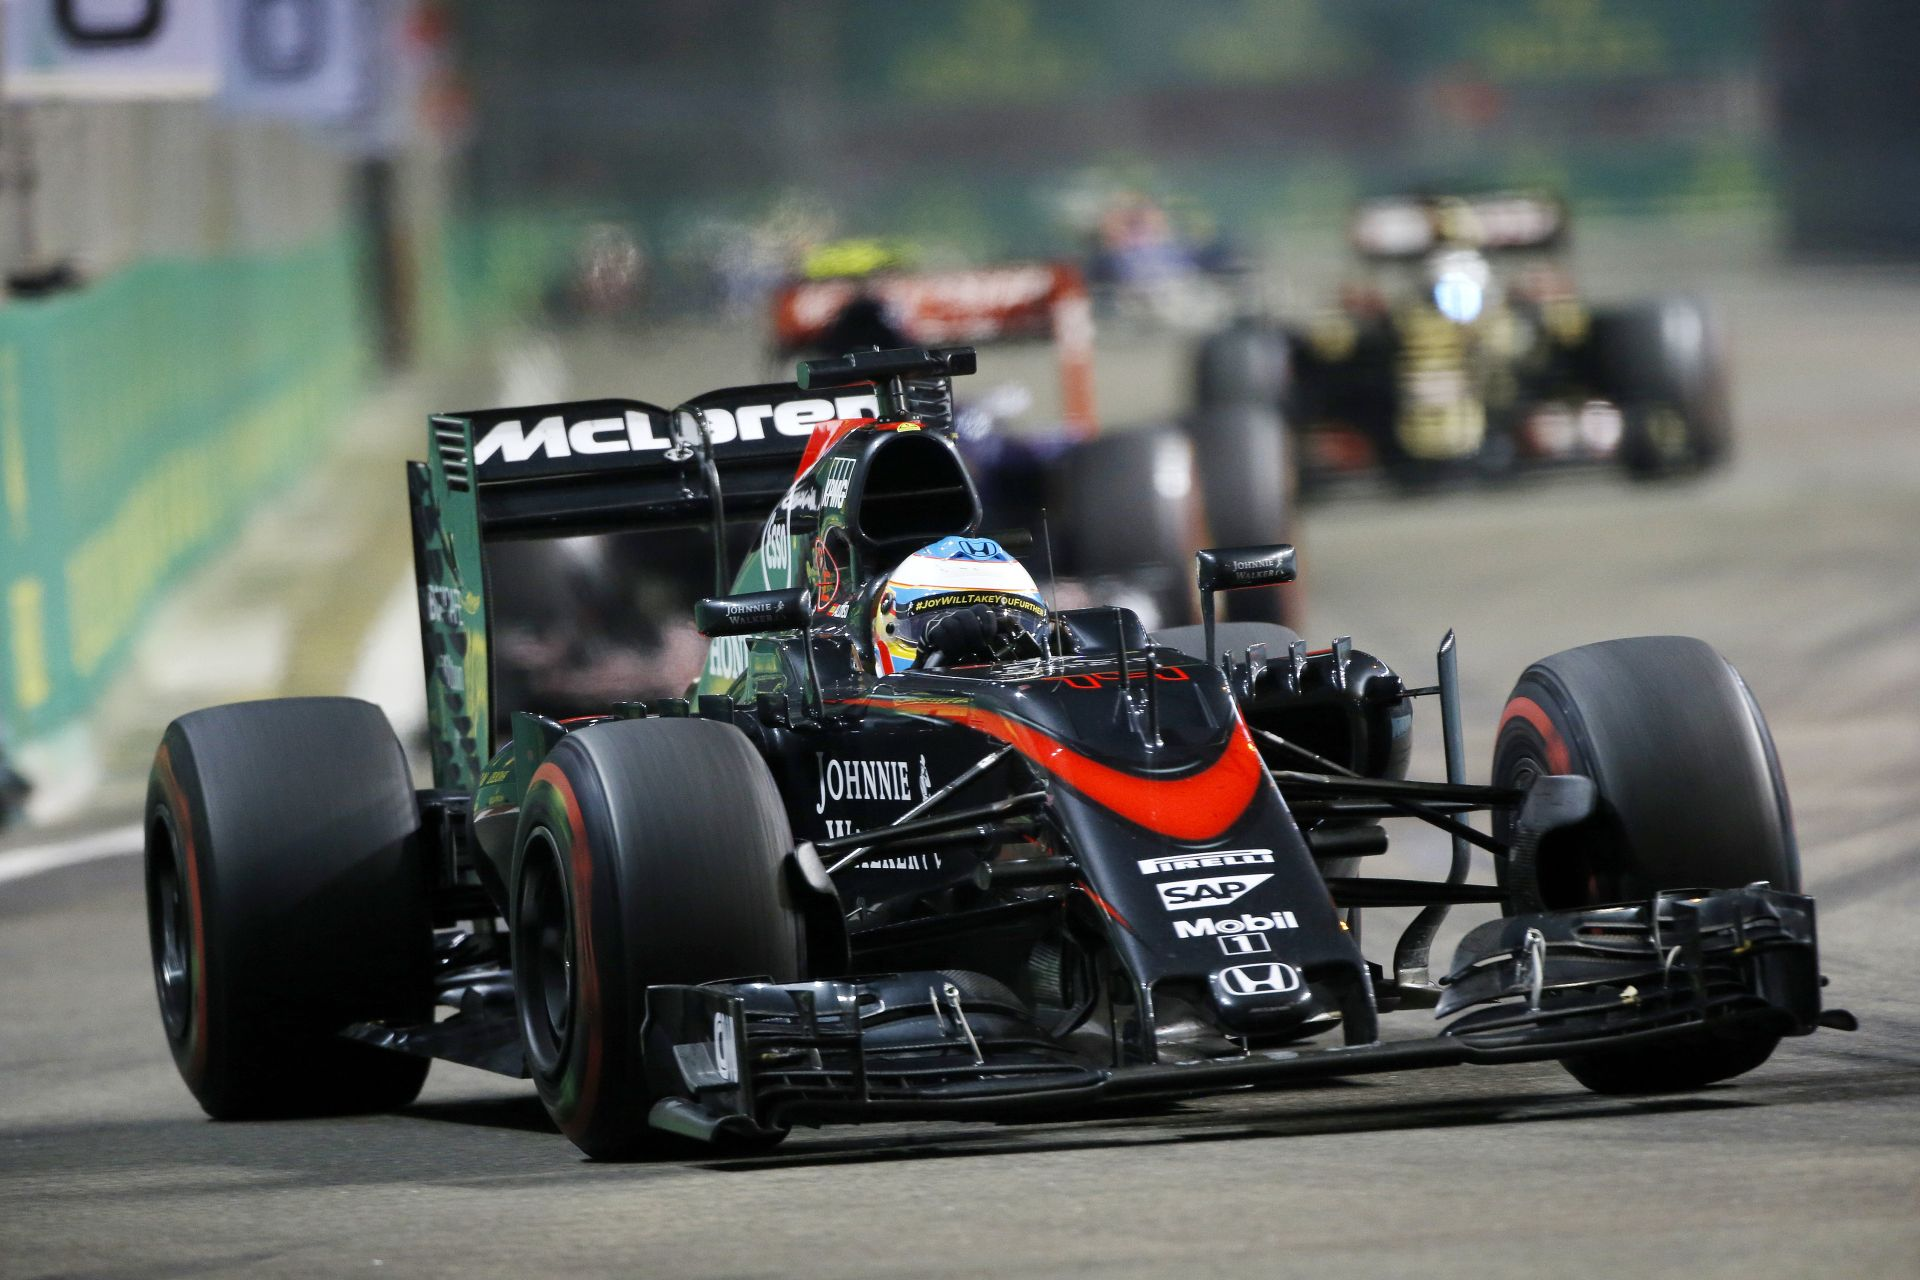 Körönként 2 másodperccel lassabb a McLaren a Honda miatt